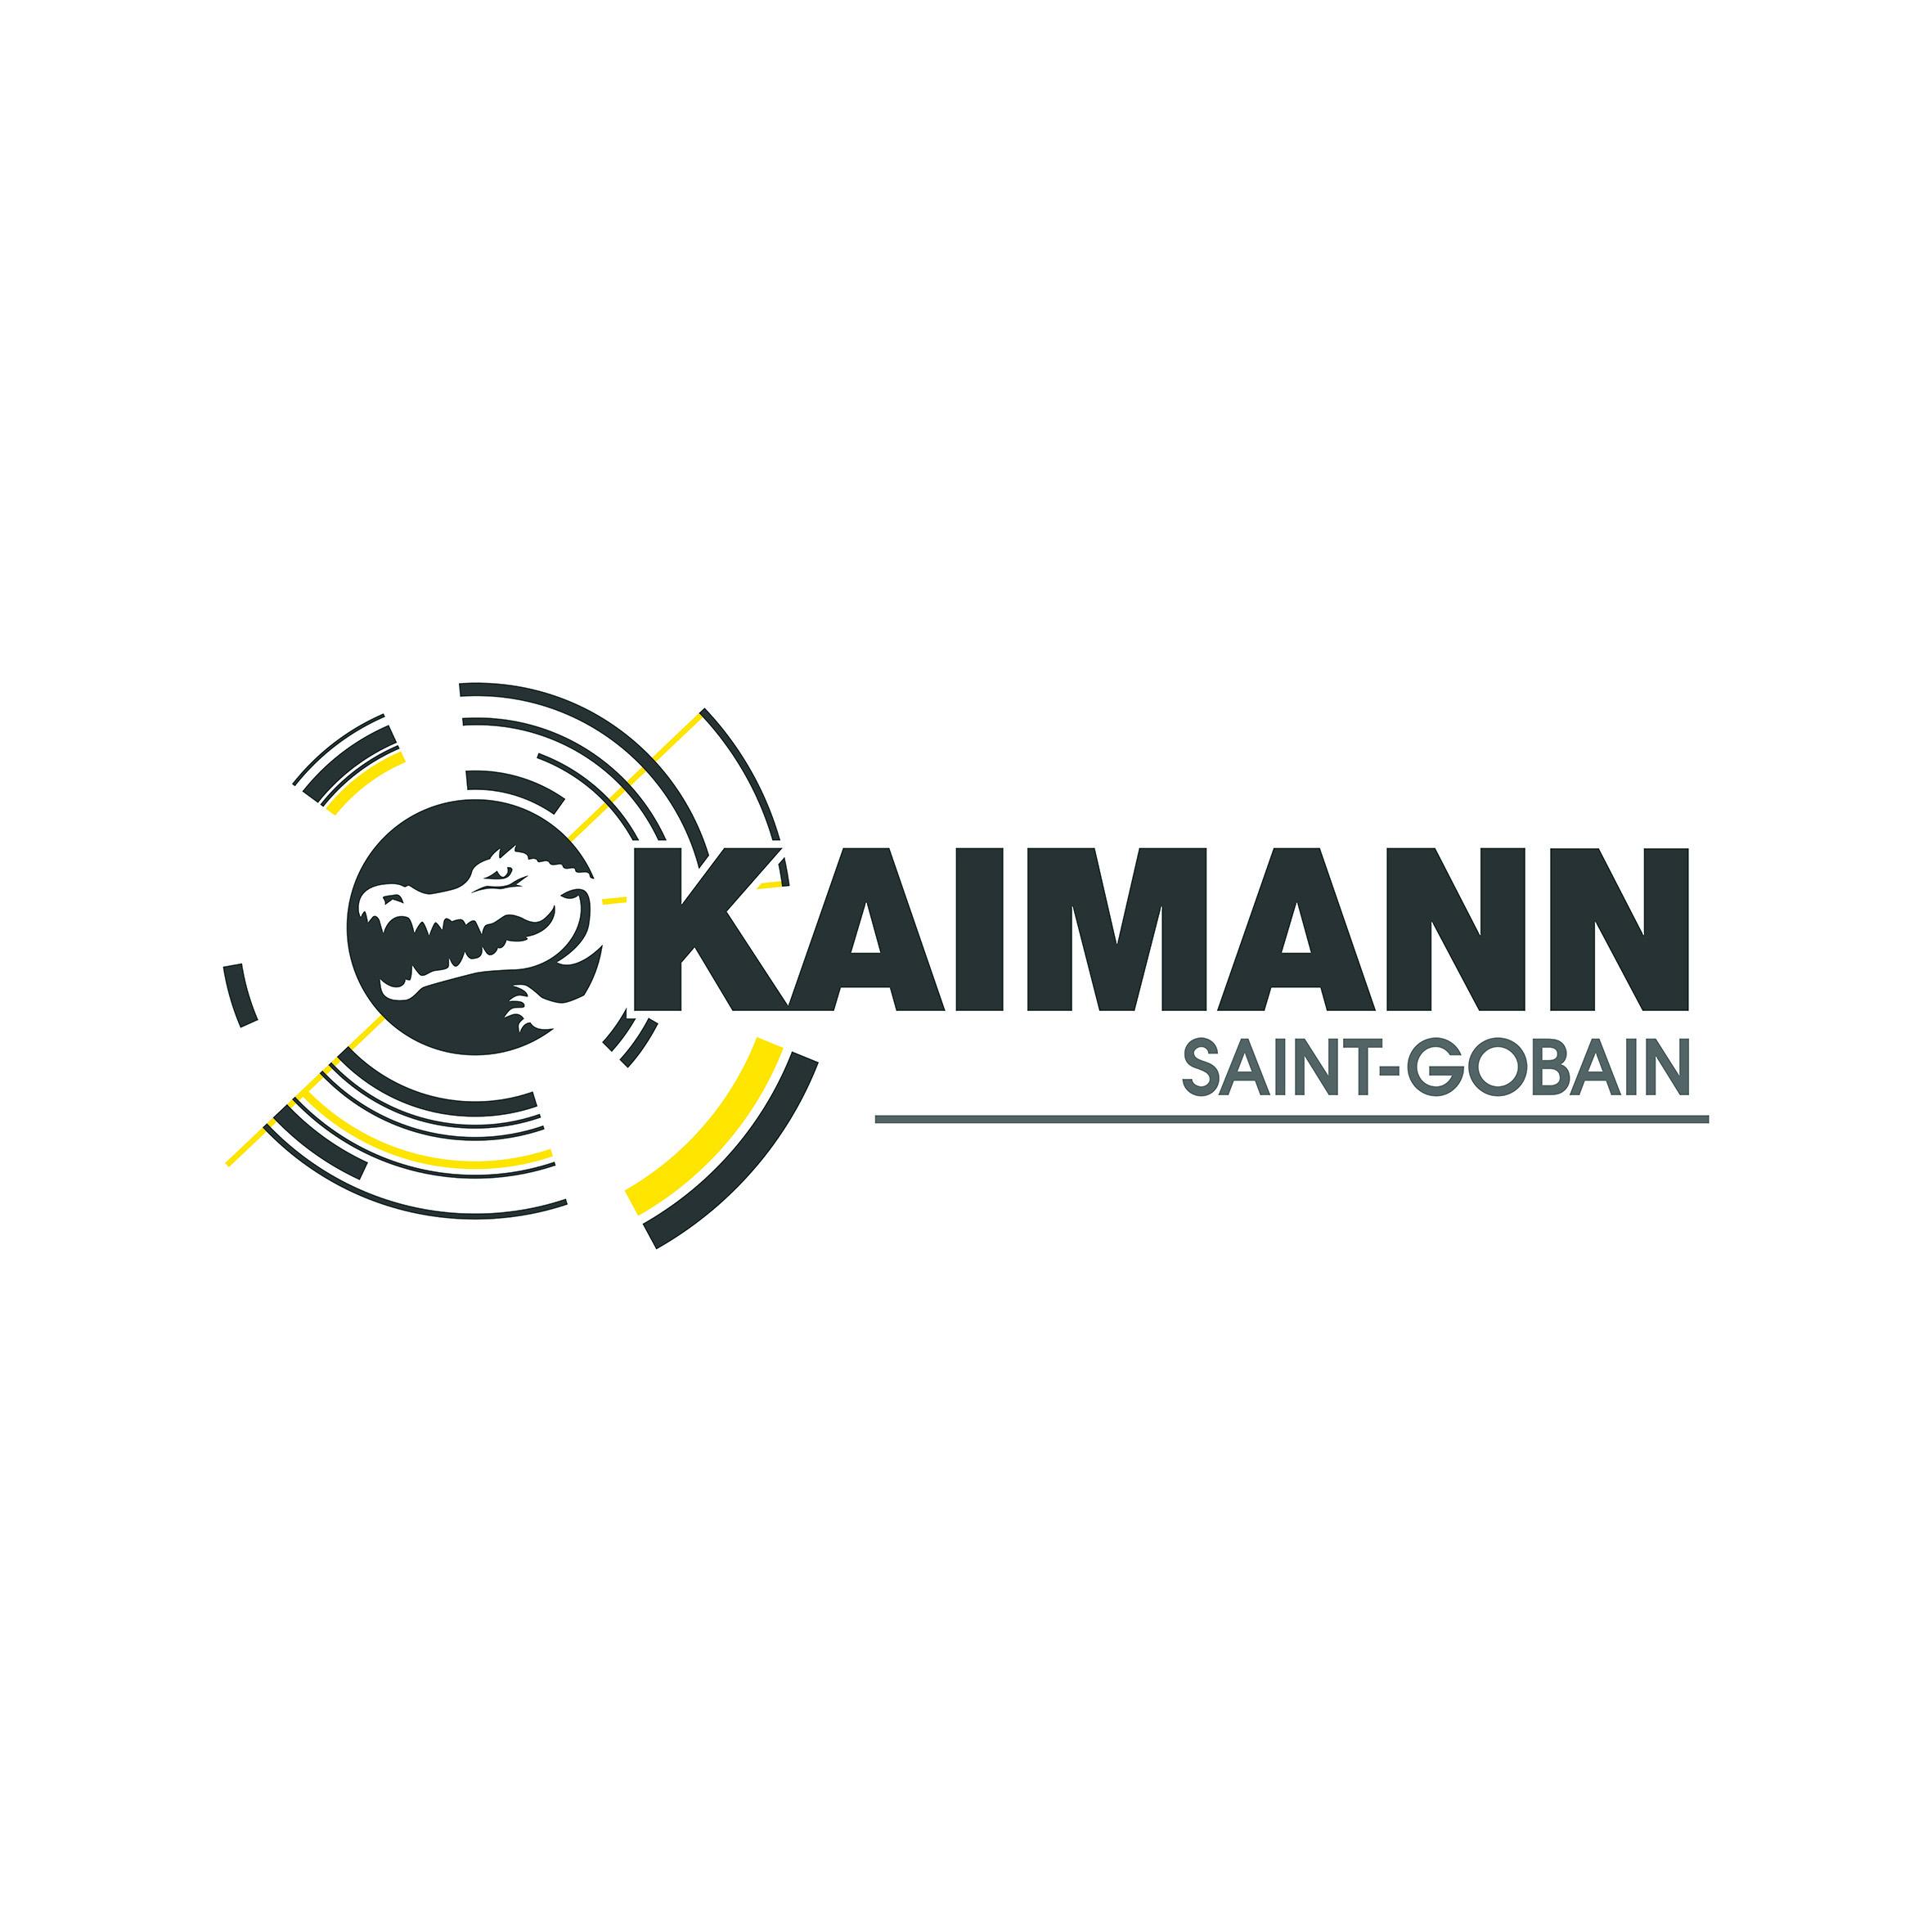 Kaimann Saint-Gobain